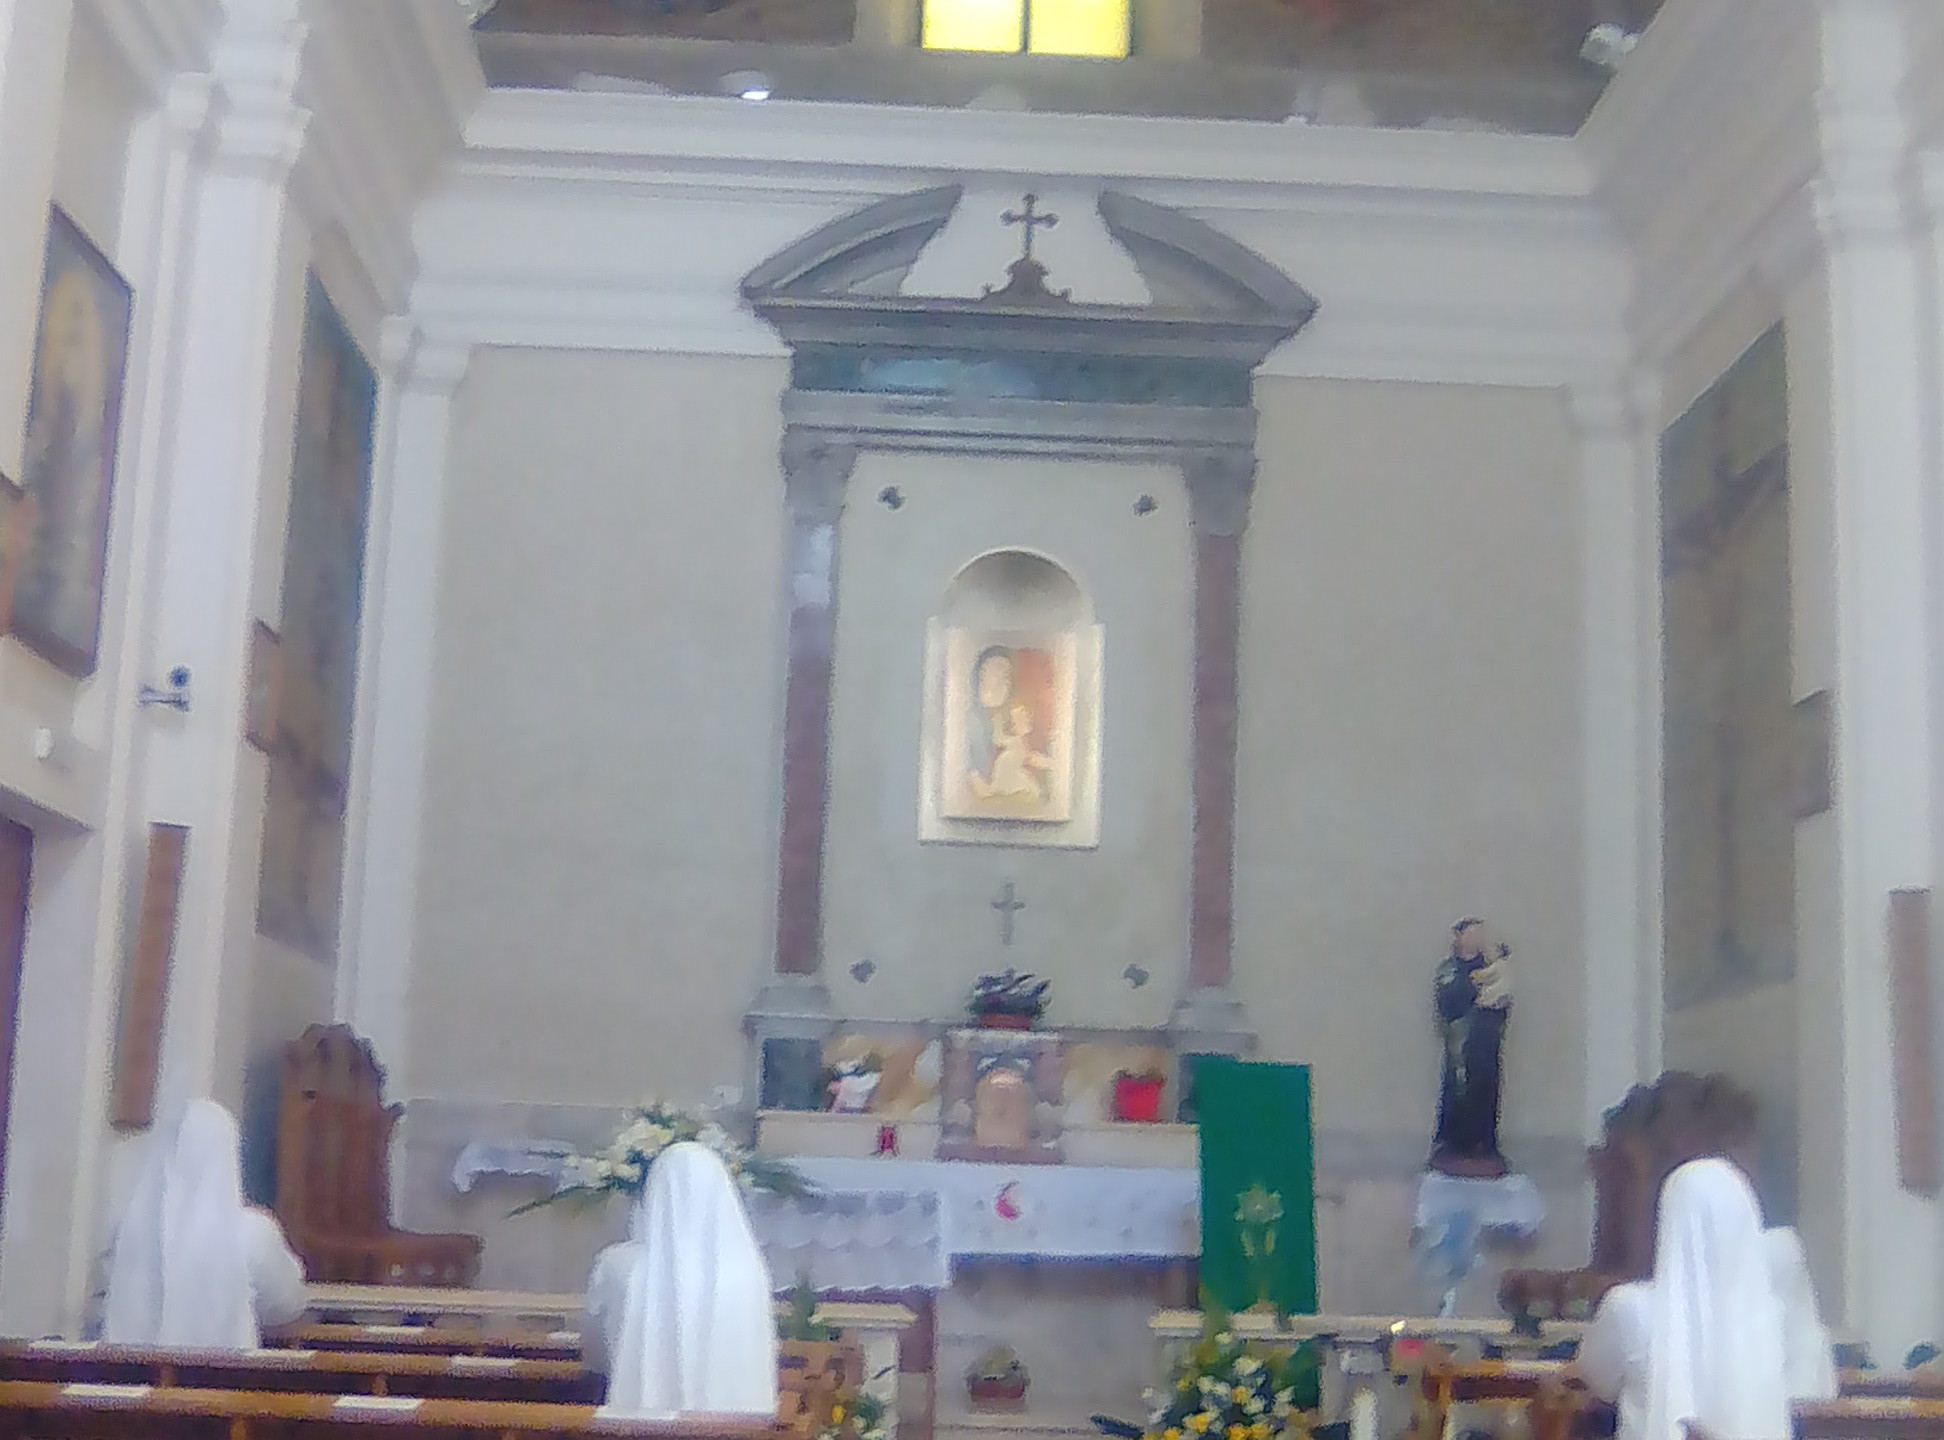 Chiesa Quo vadis